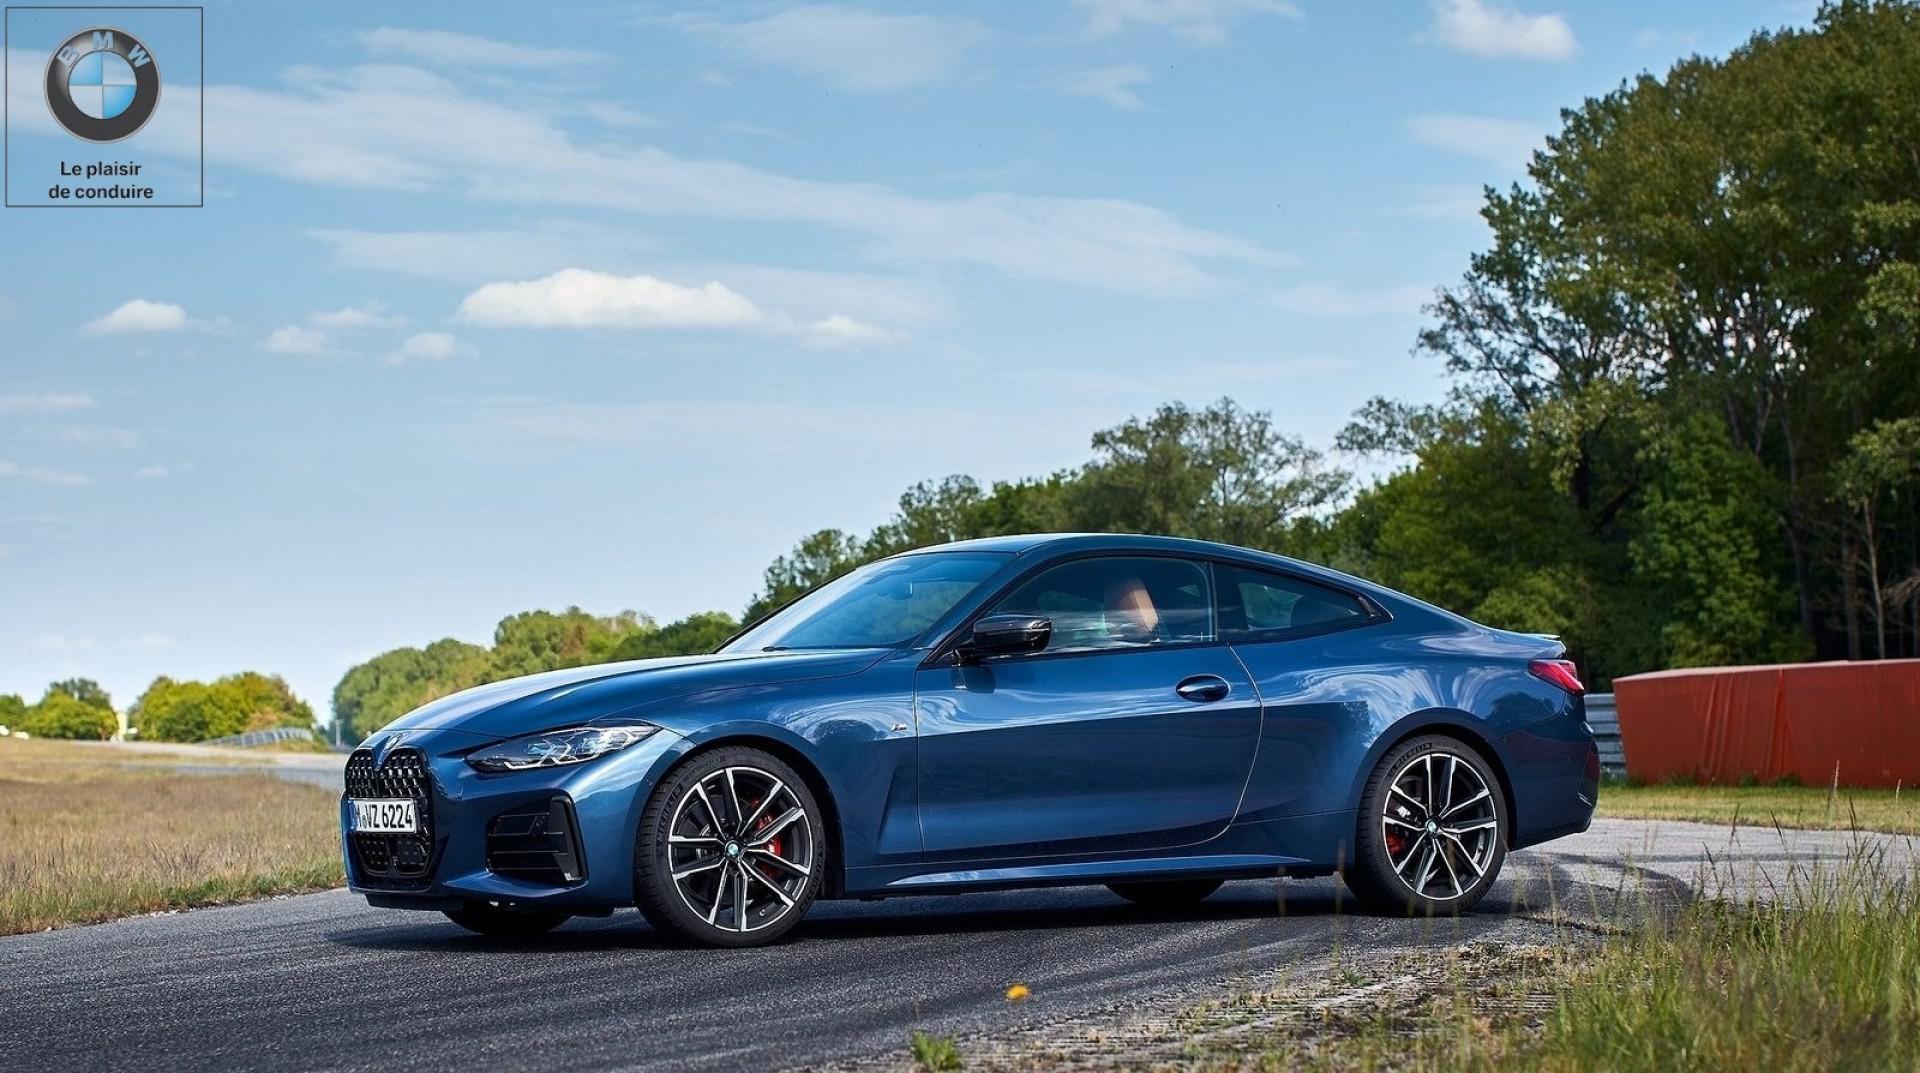 BMW a levé le voile sur la nouvelle Série 4 Coupé